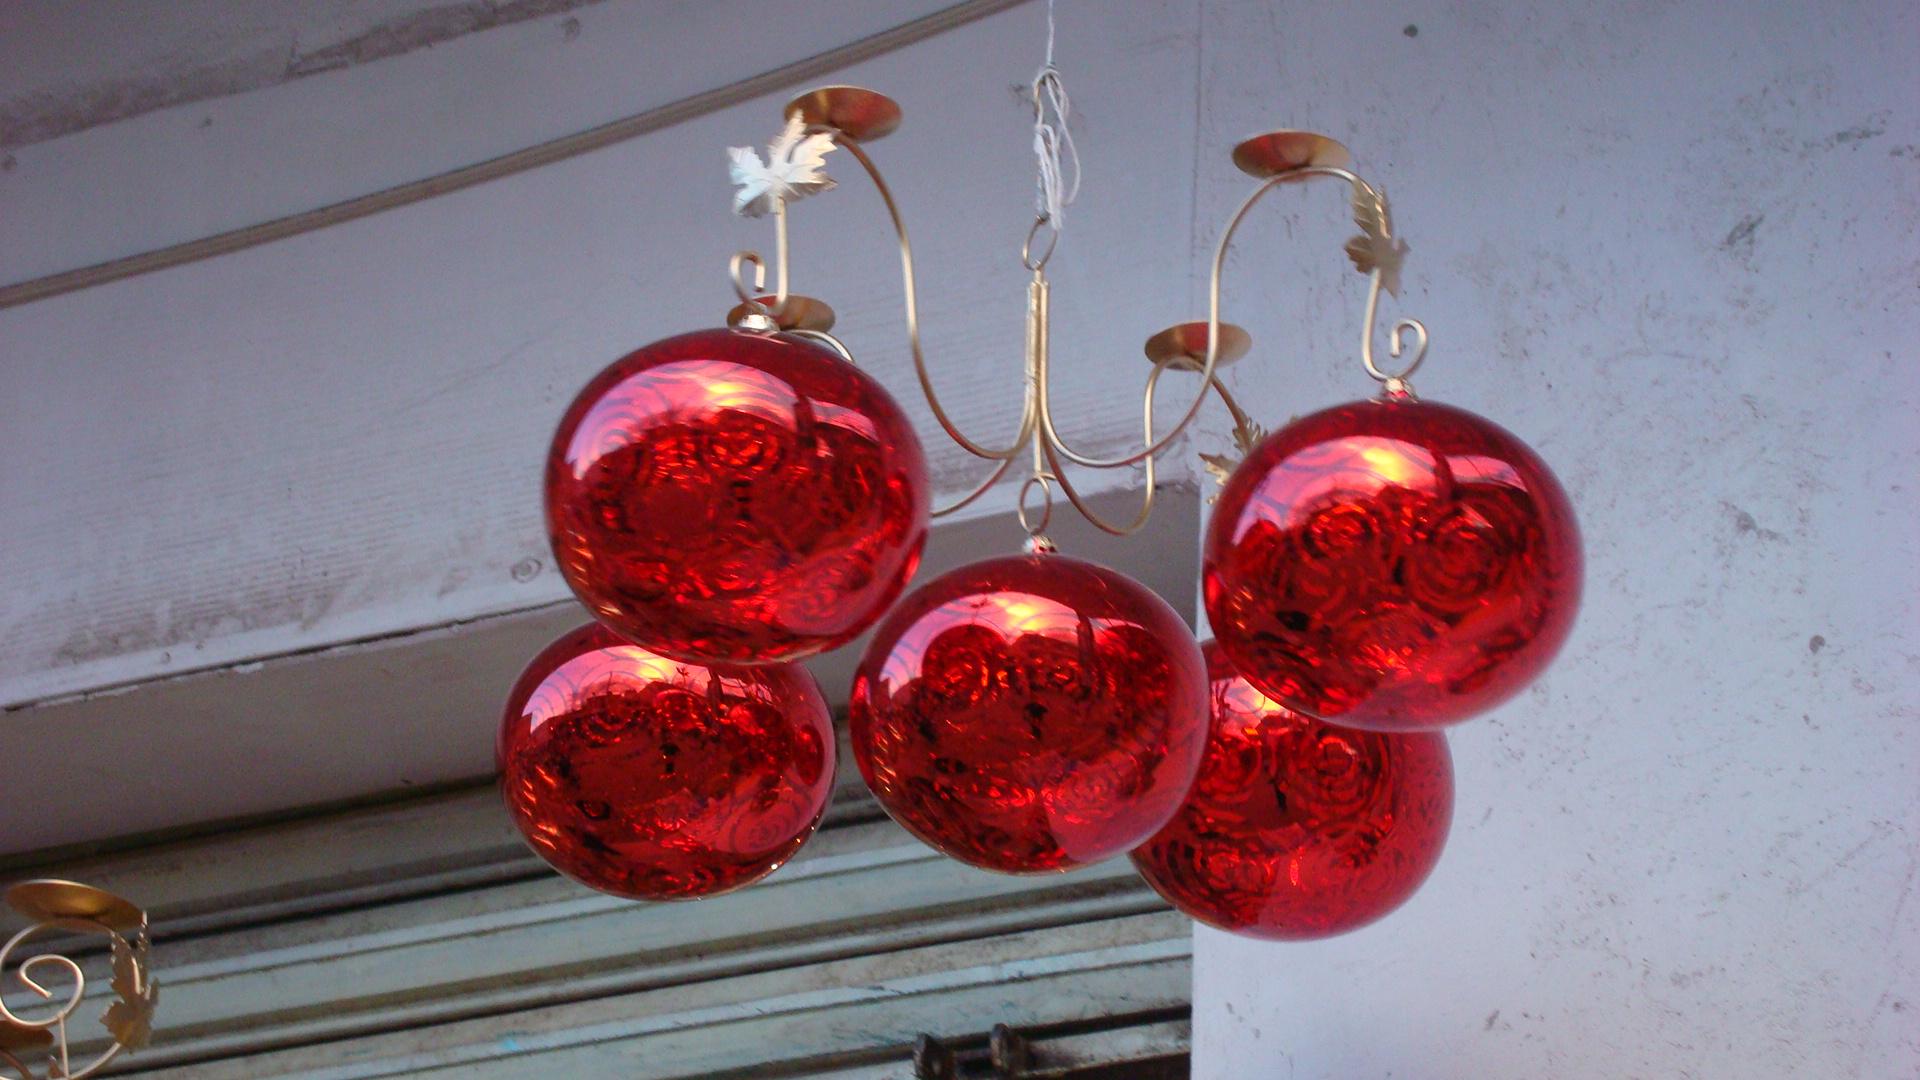 Ilmaisia Kuvia : joulu, punainen, joulukoristeen, valo, valaistus, joulukoristeita, ornamentti ...